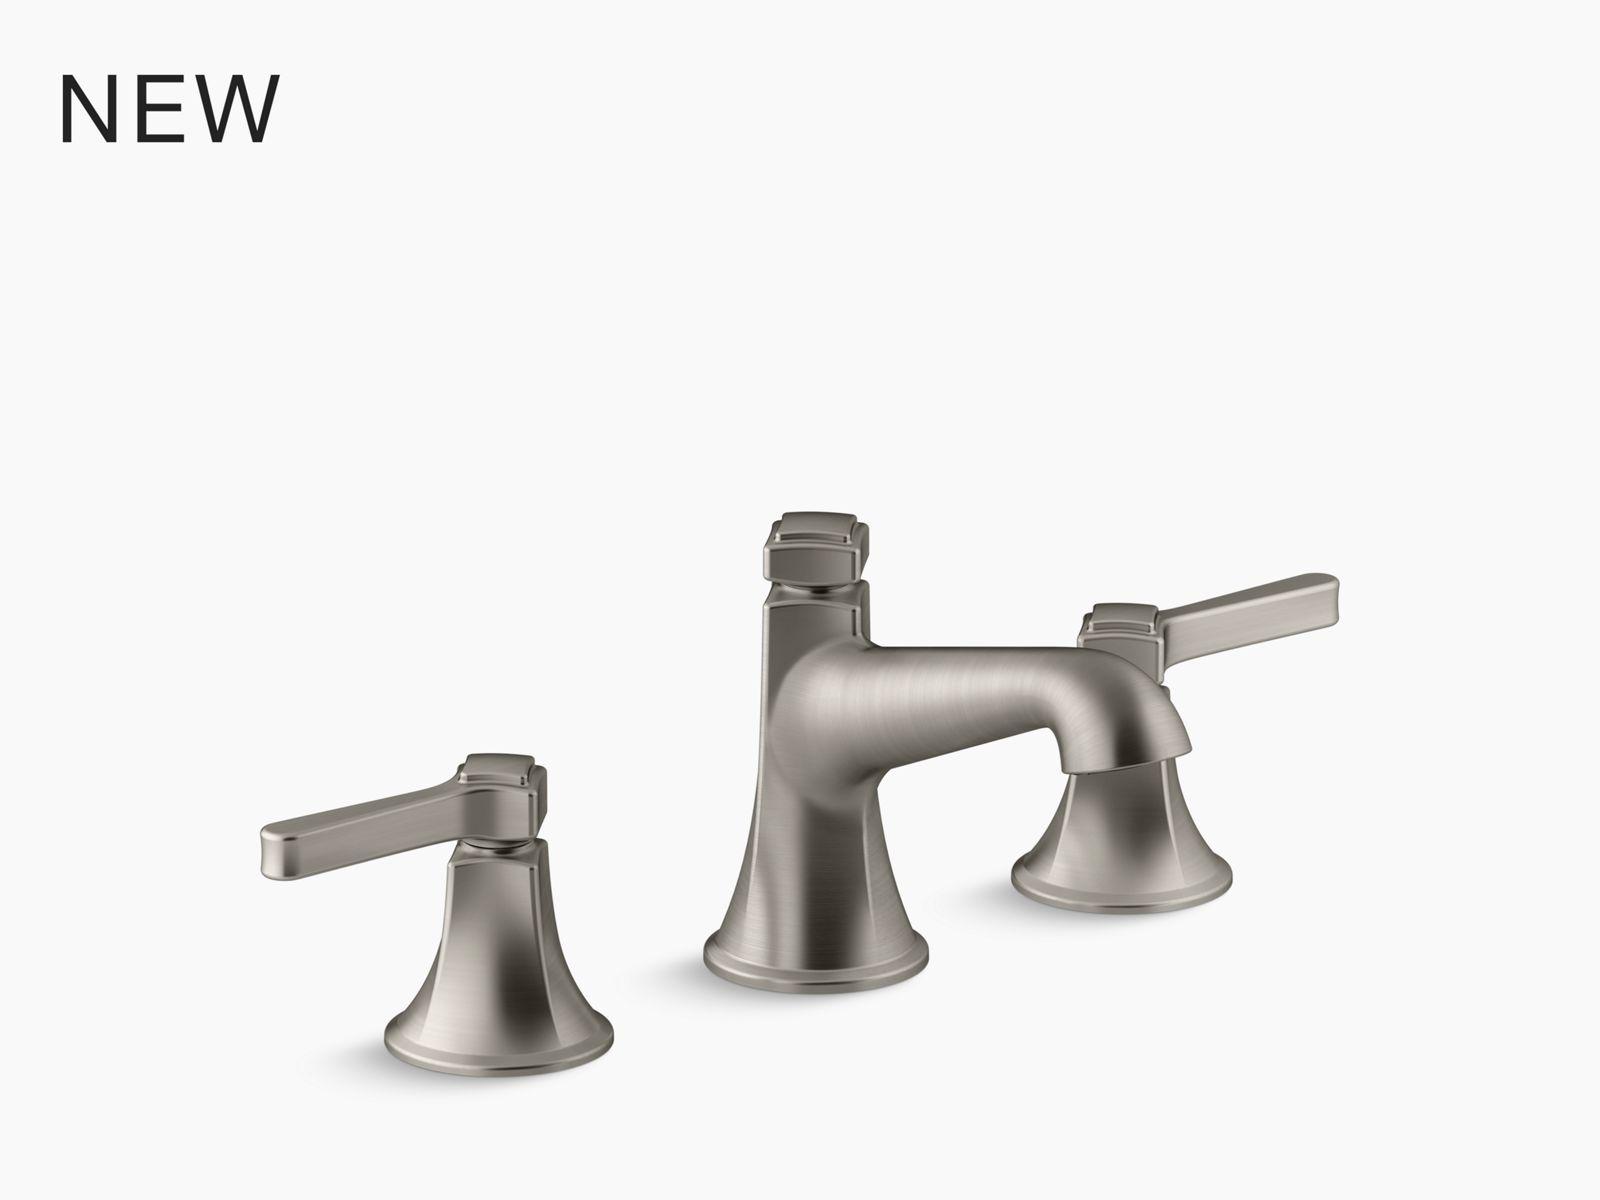 gilford 24 x 22 x 17 1 2 wall mount top mount single bowl kitchen sink